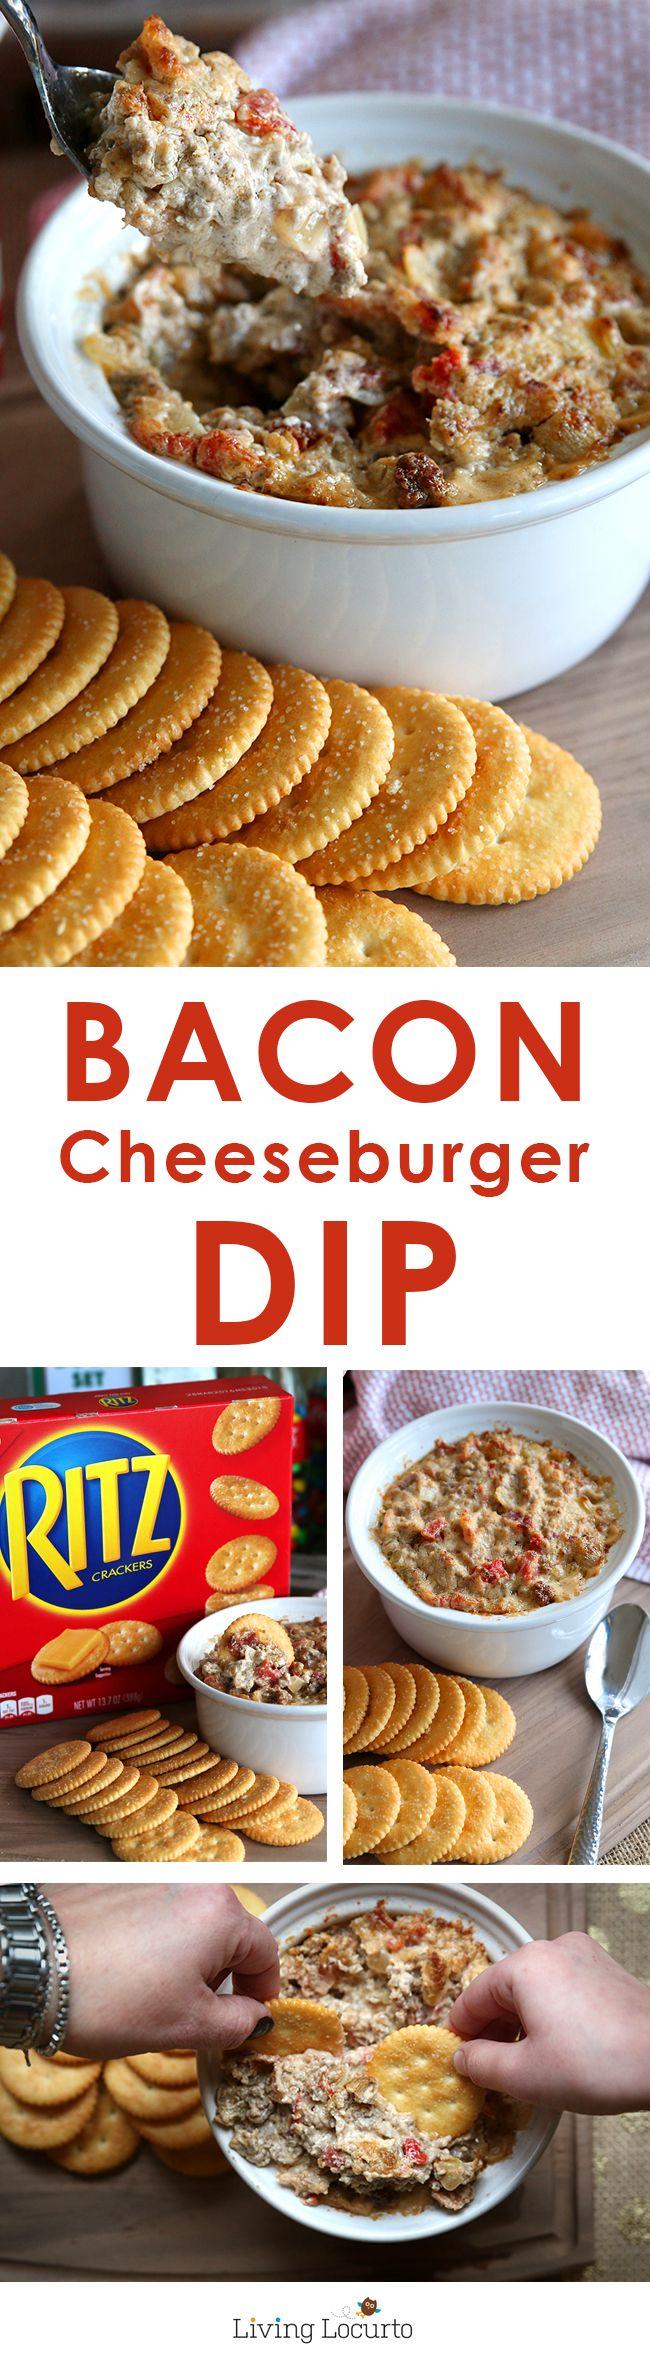 Bacon Cheeseburger Dip Recipe | Fun Football Party Ideas